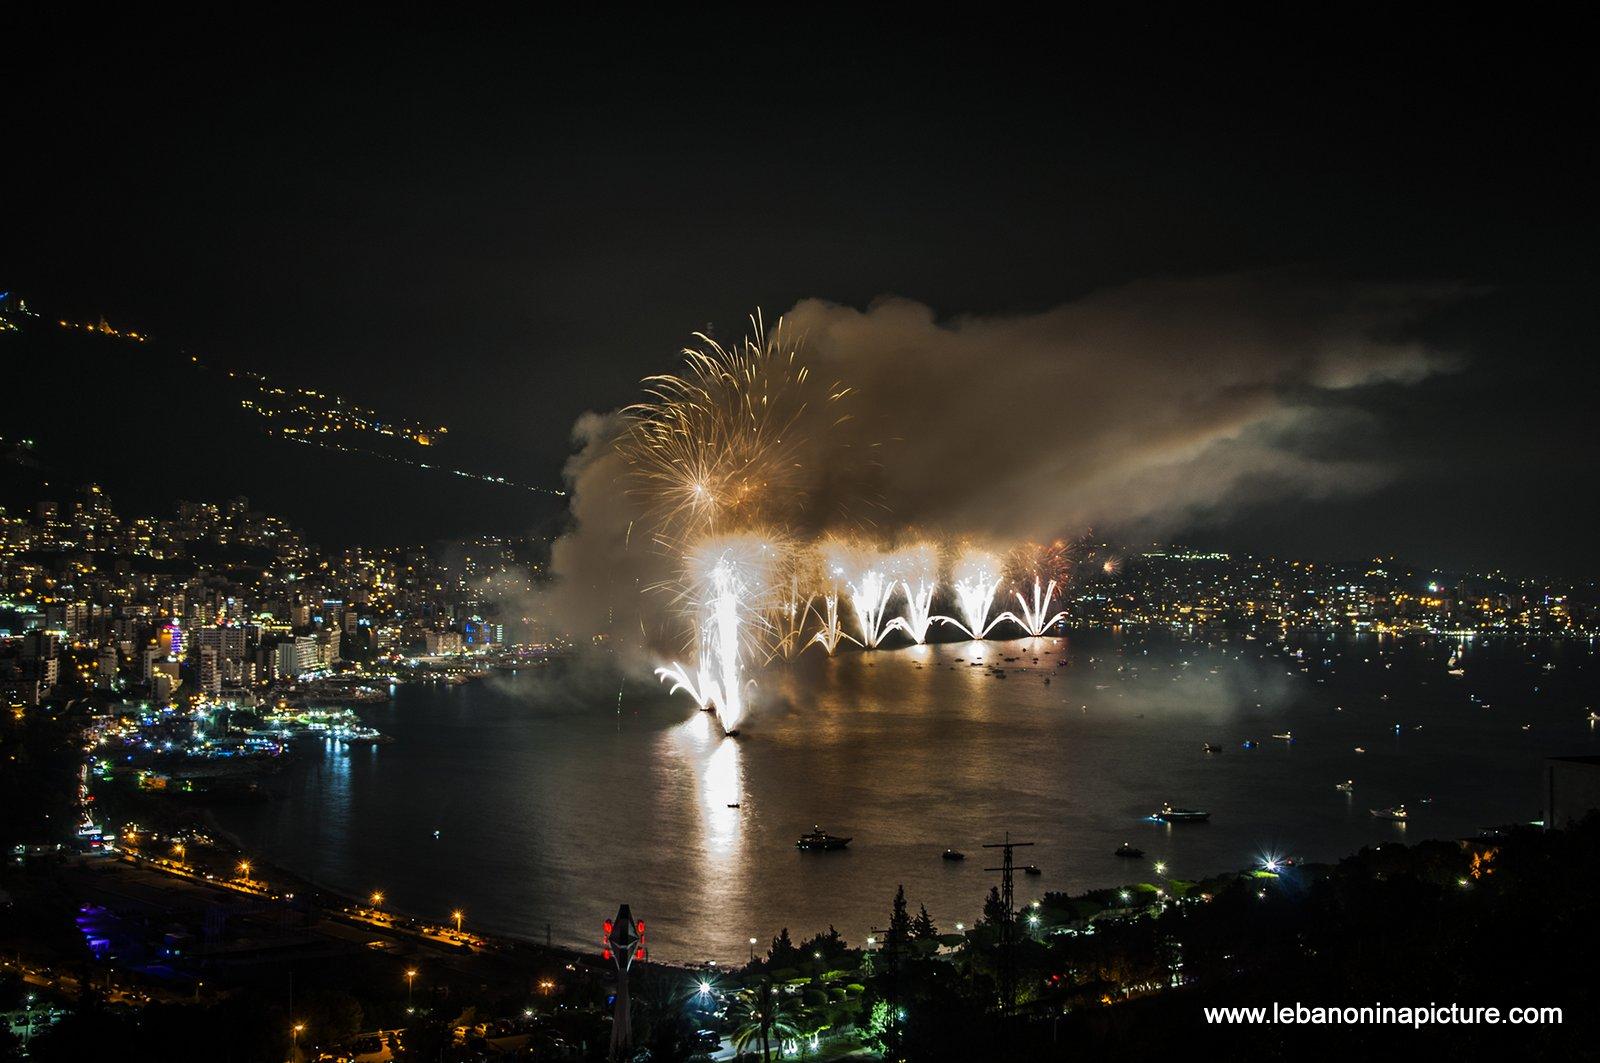 Jounieh Fireworks 2017 - Release the Gracken